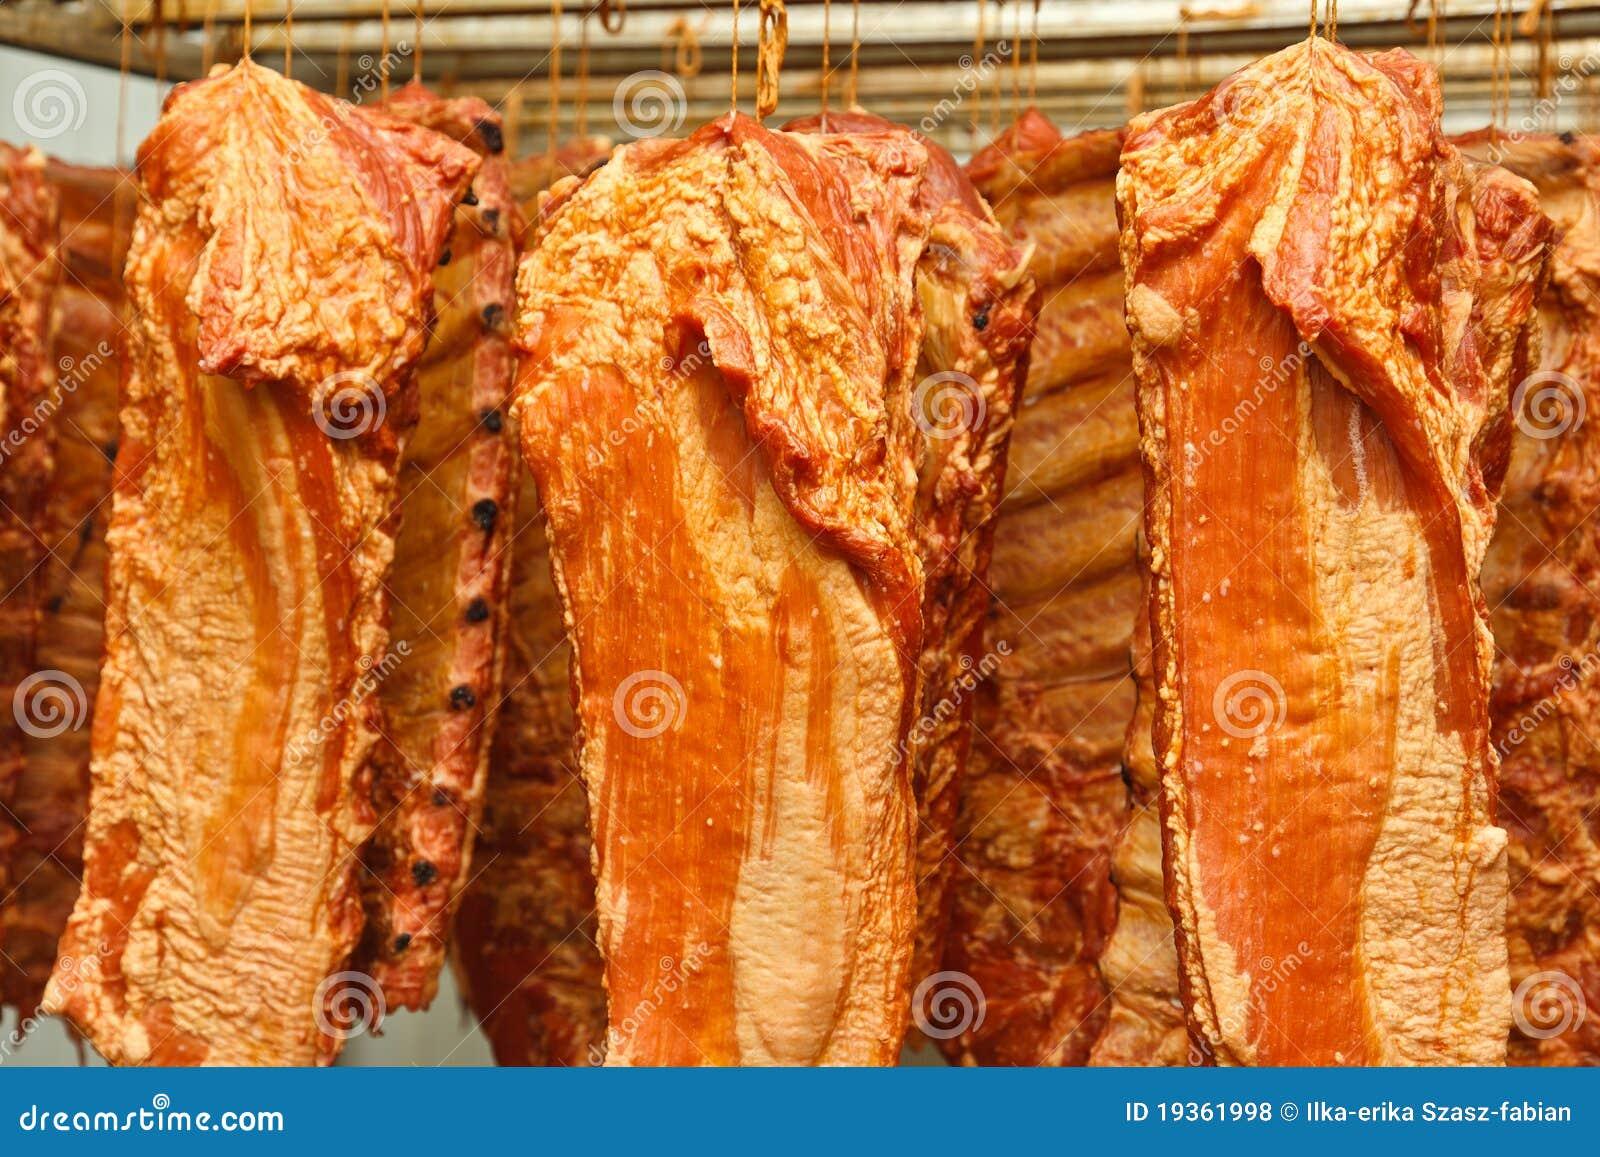 Reforços de carne de porco fumados de suspensão